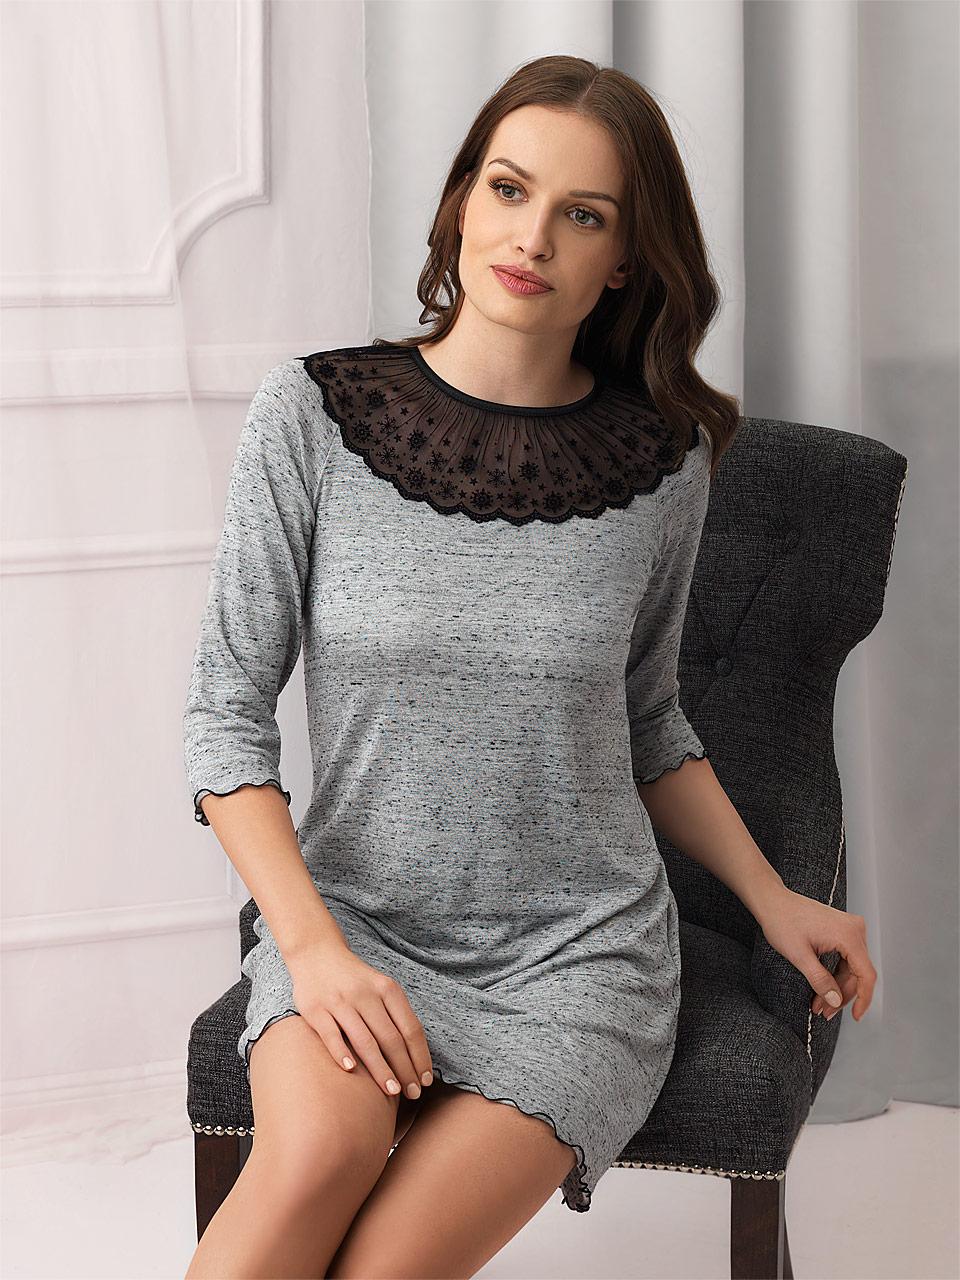 FD / Snowflake 2823 Camicia da notte<br />59 Cream / Black Thread, 60 Grey / Black Thread